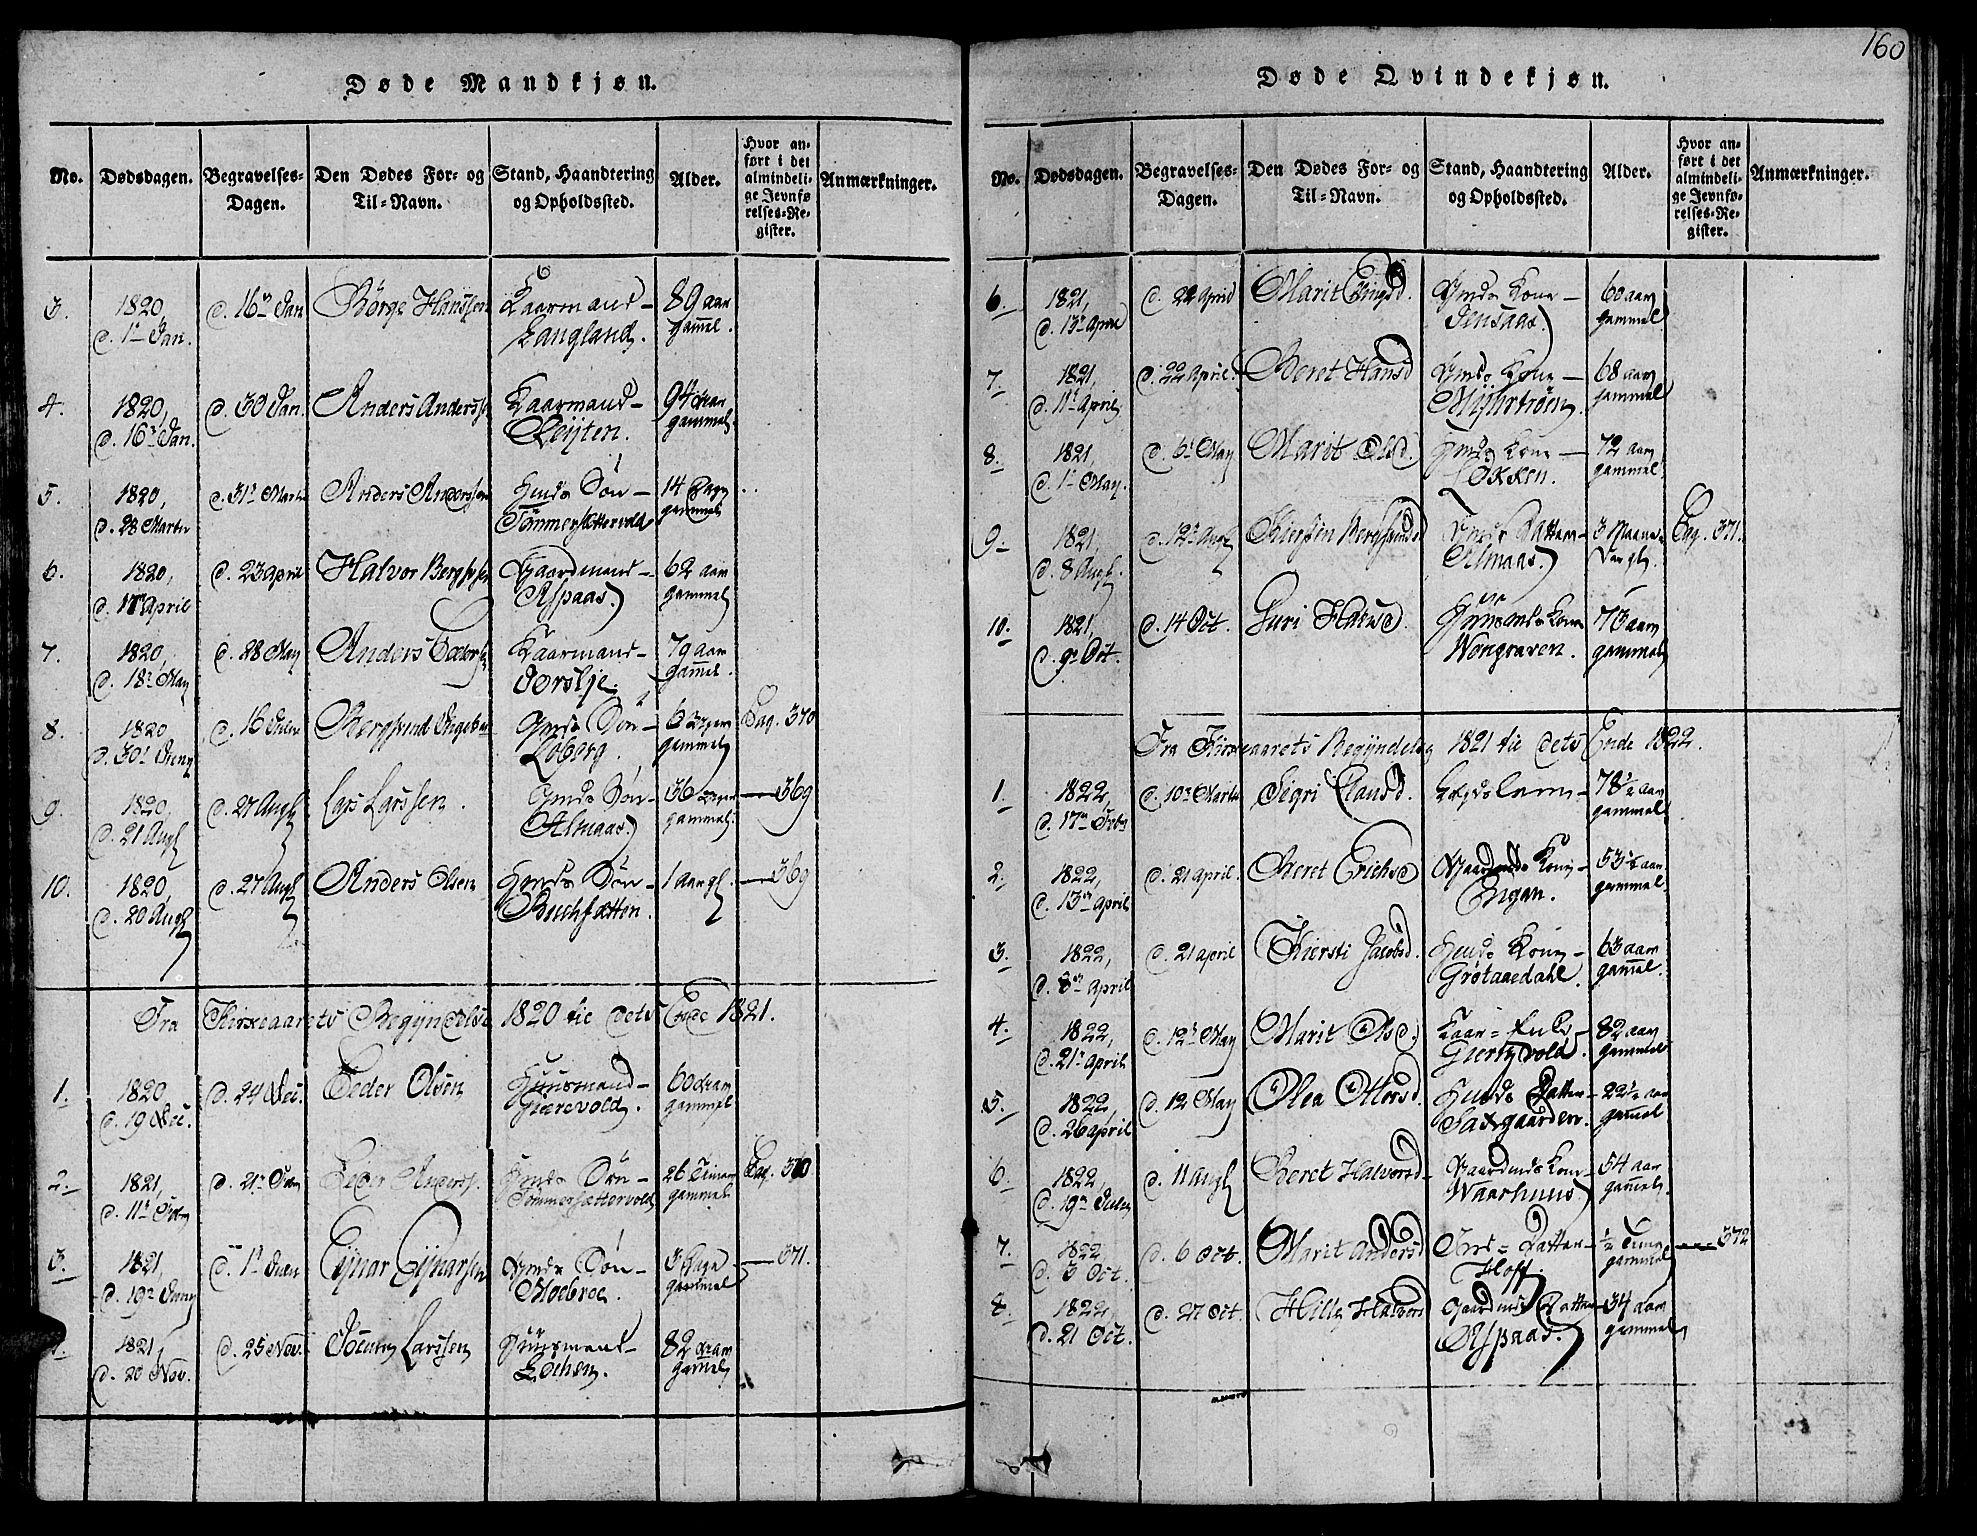 SAT, Ministerialprotokoller, klokkerbøker og fødselsregistre - Sør-Trøndelag, 685/L0956: Ministerialbok nr. 685A03 /3, 1817-1829, s. 160